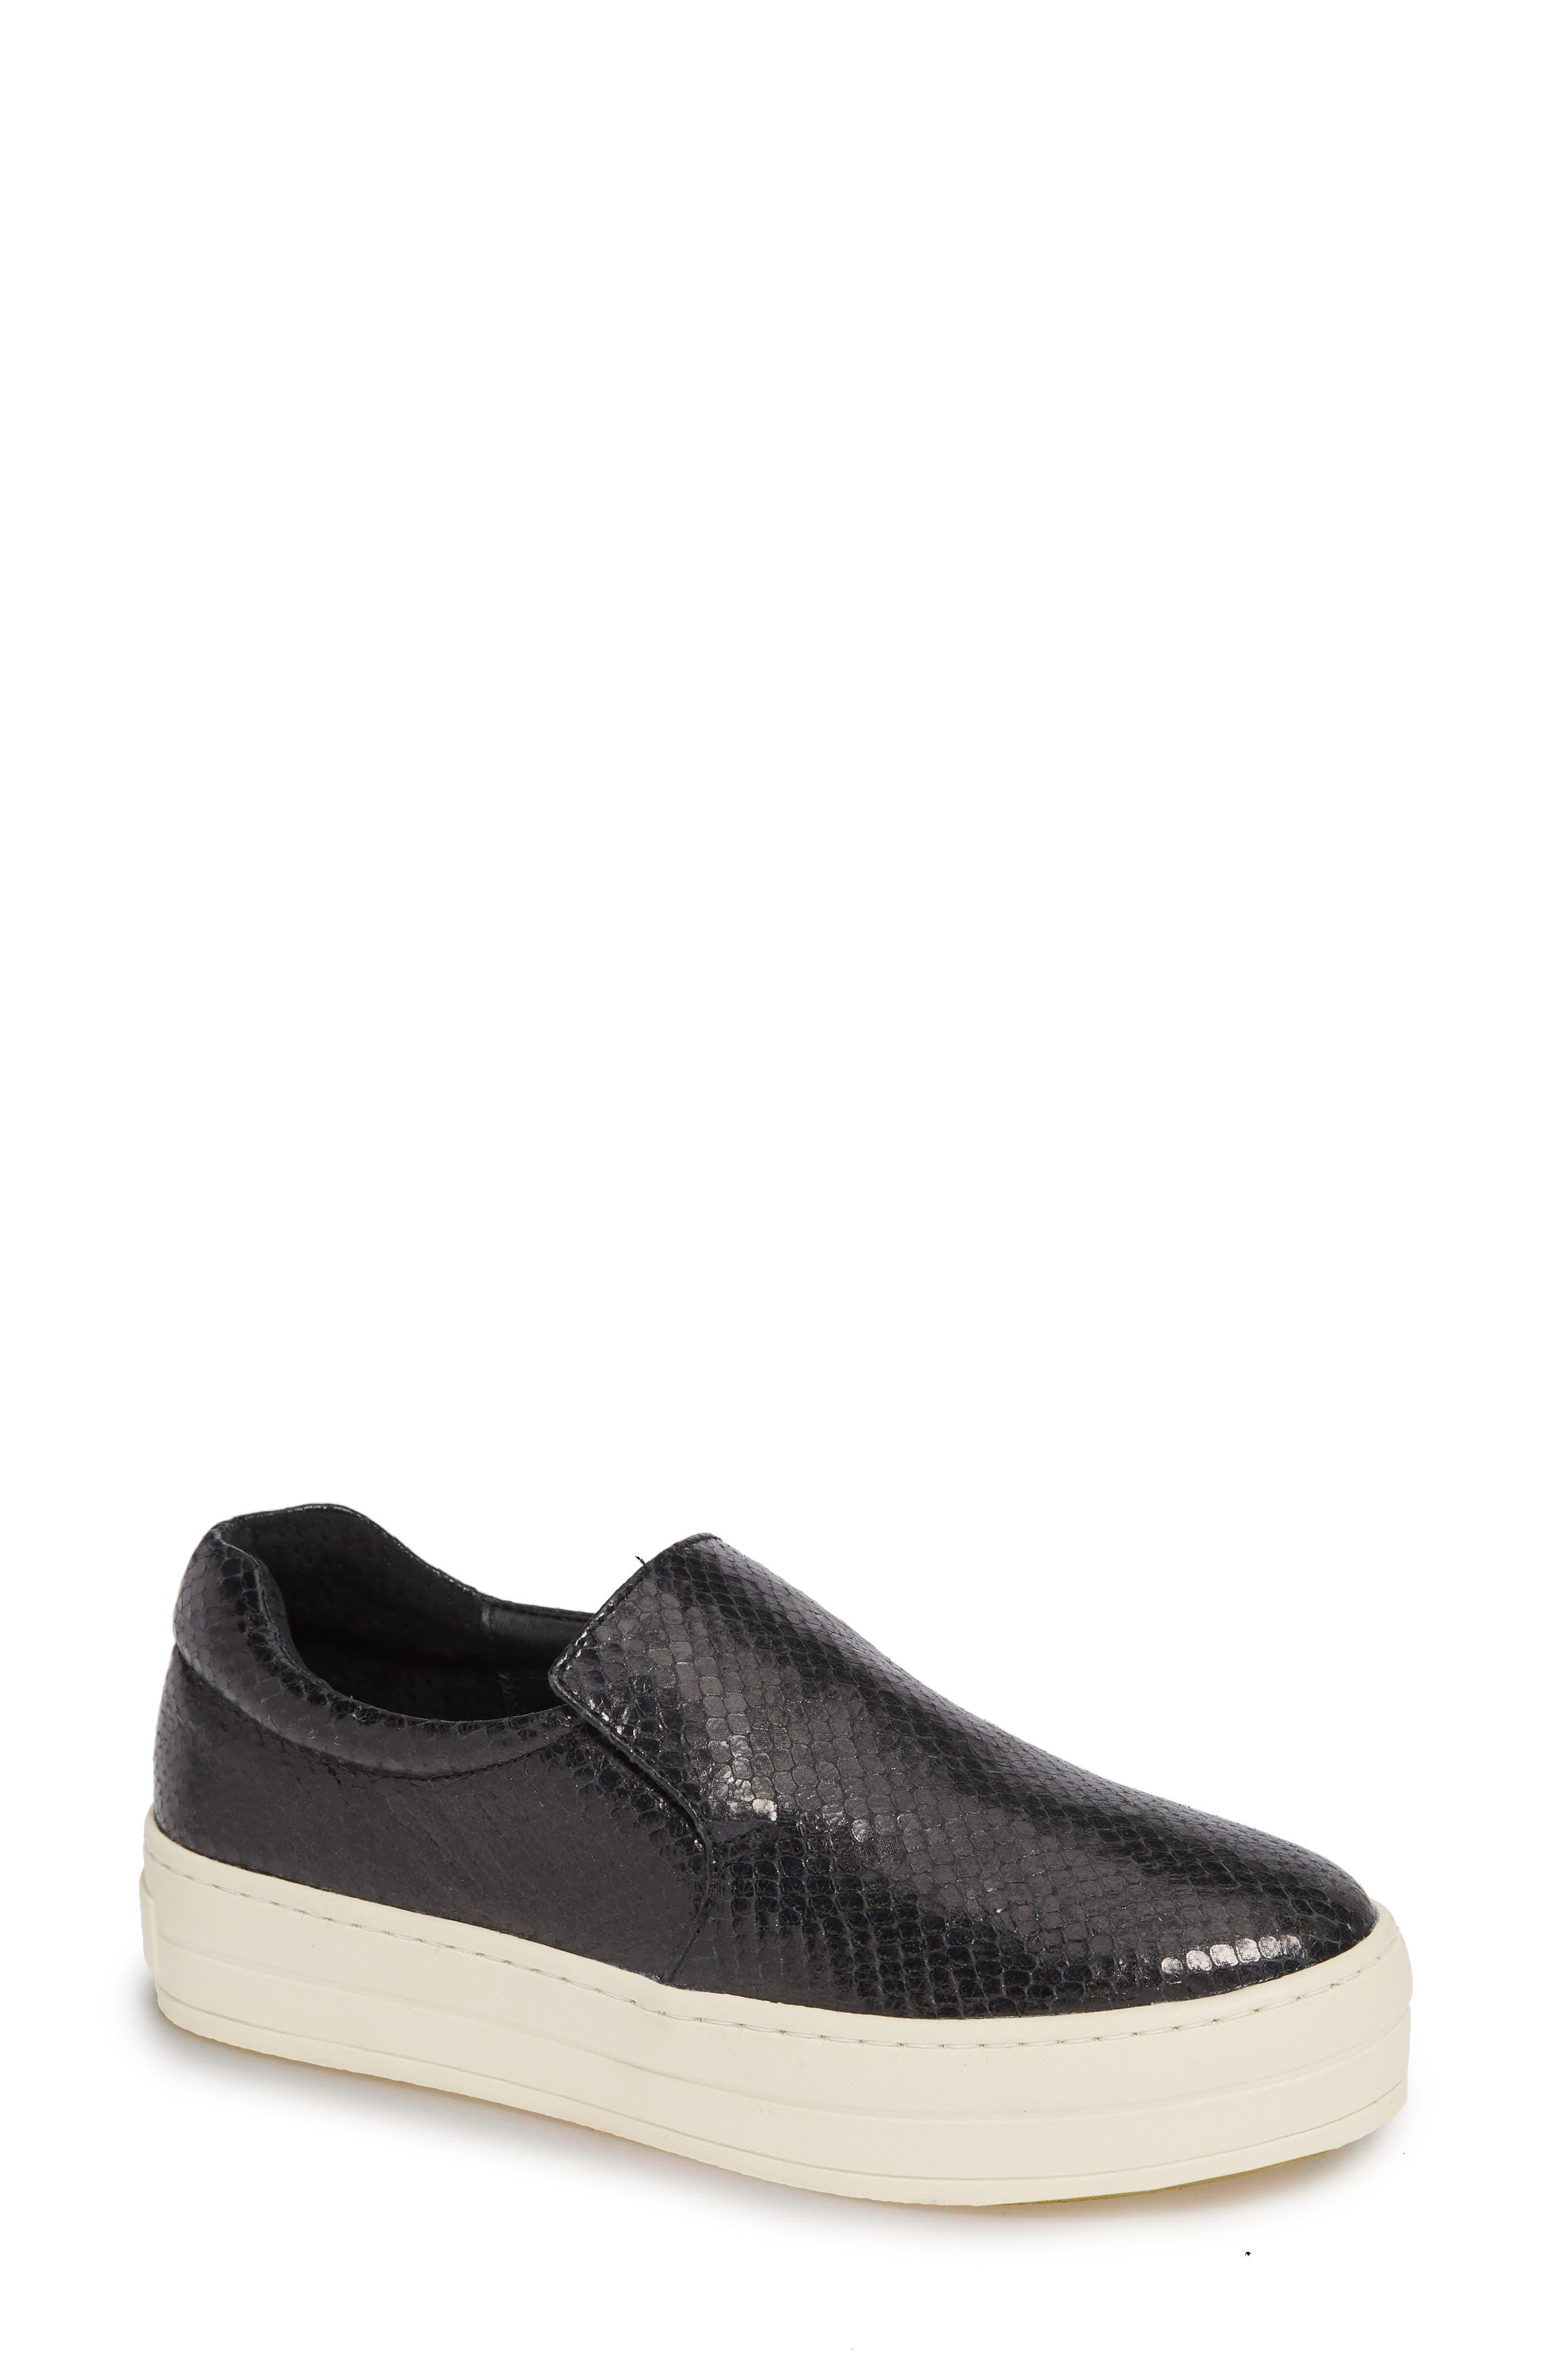 Harry Slip-On Sneaker in Black Embossed Leather